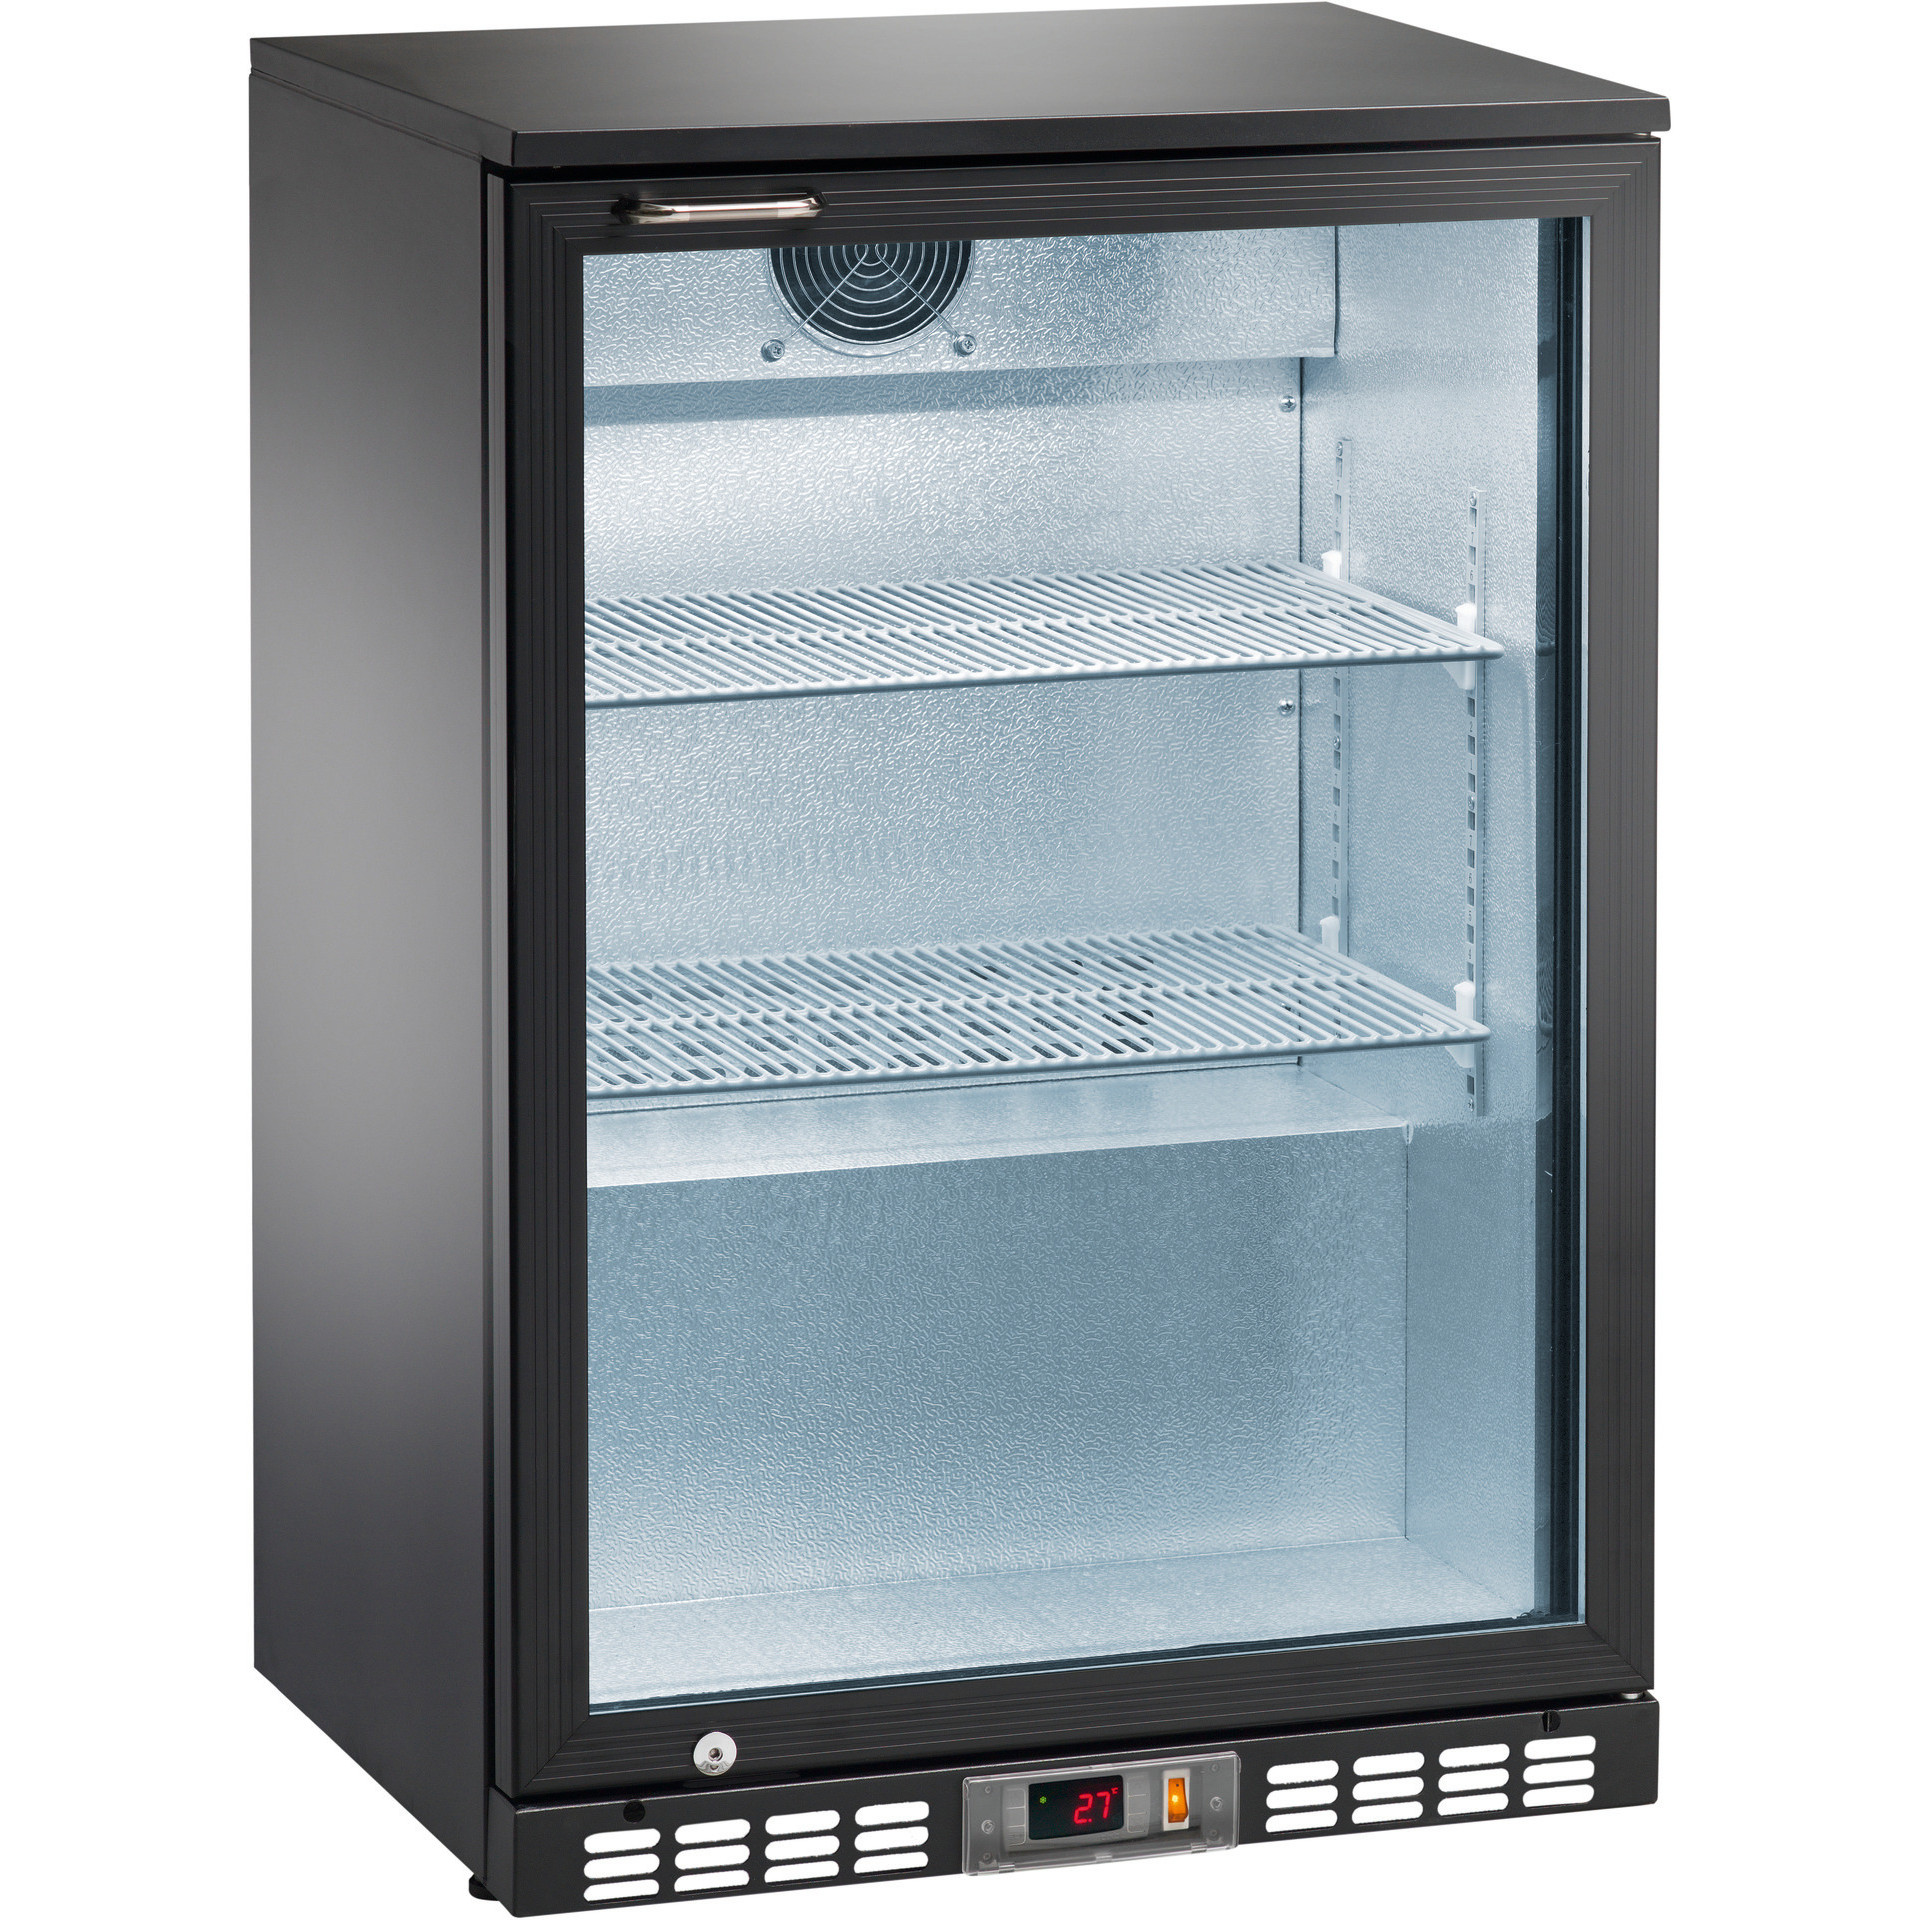 Flaschenkühlschrank 140 l 1 Fügeltür 2 Roste